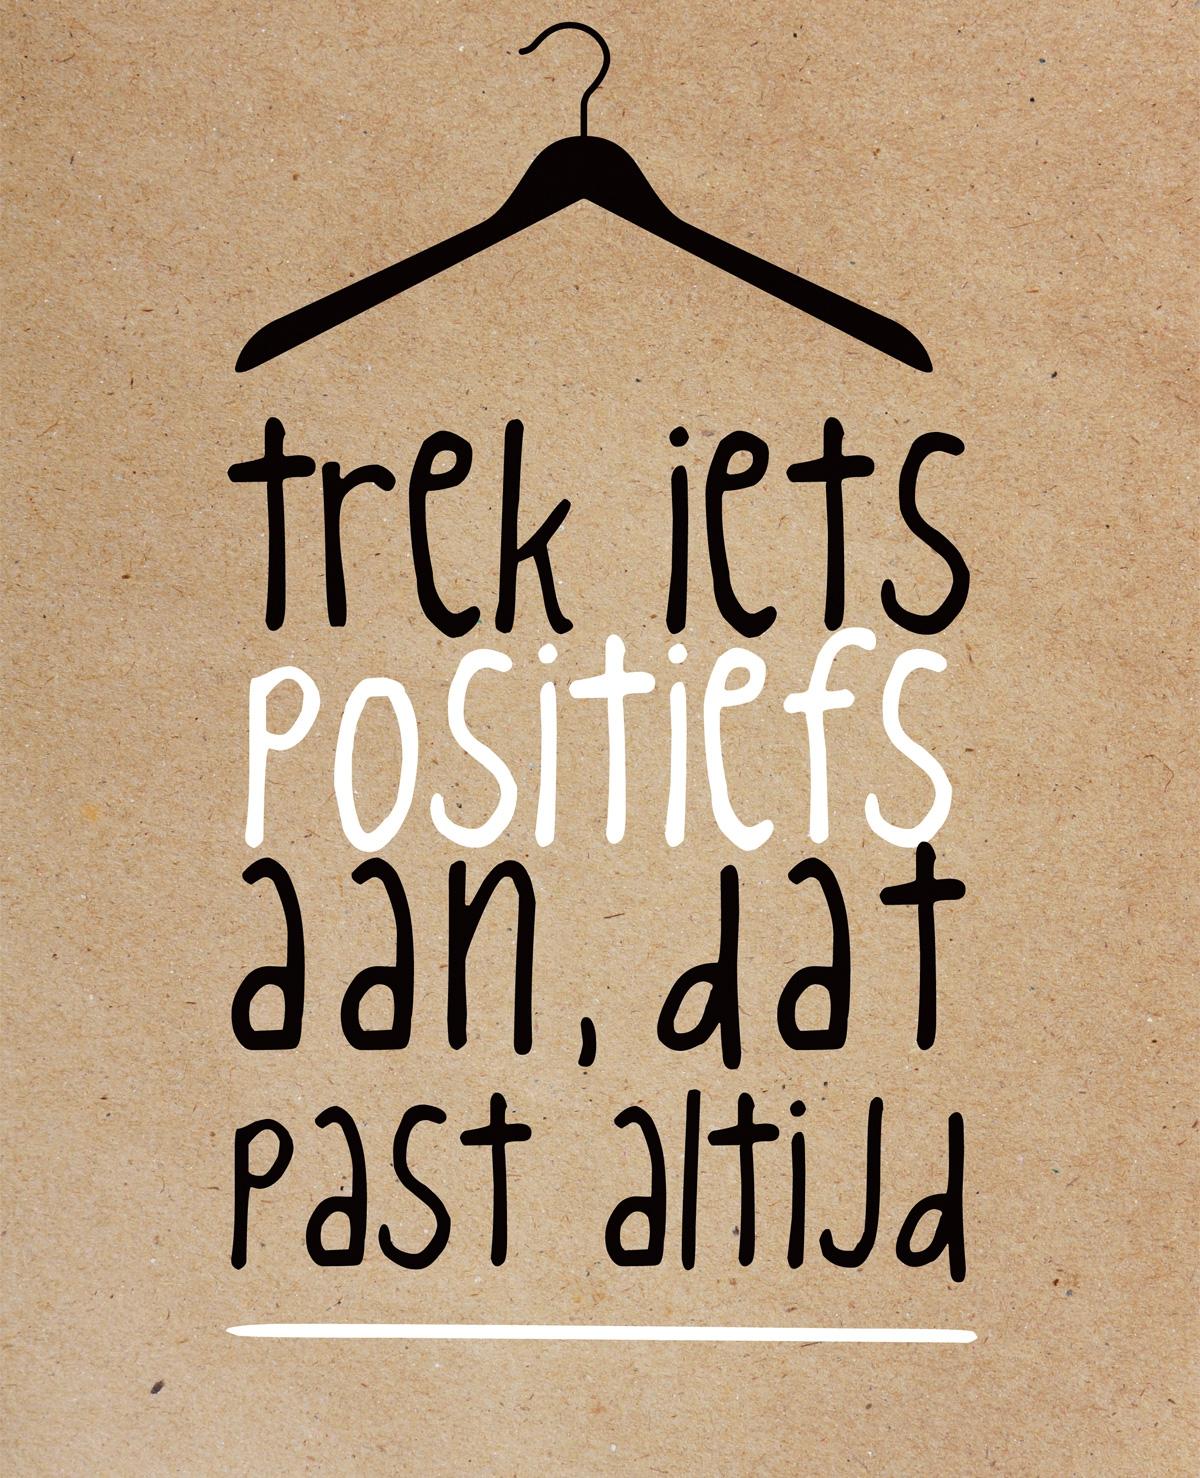 Trek iets positiefs aan, dat past altijd!